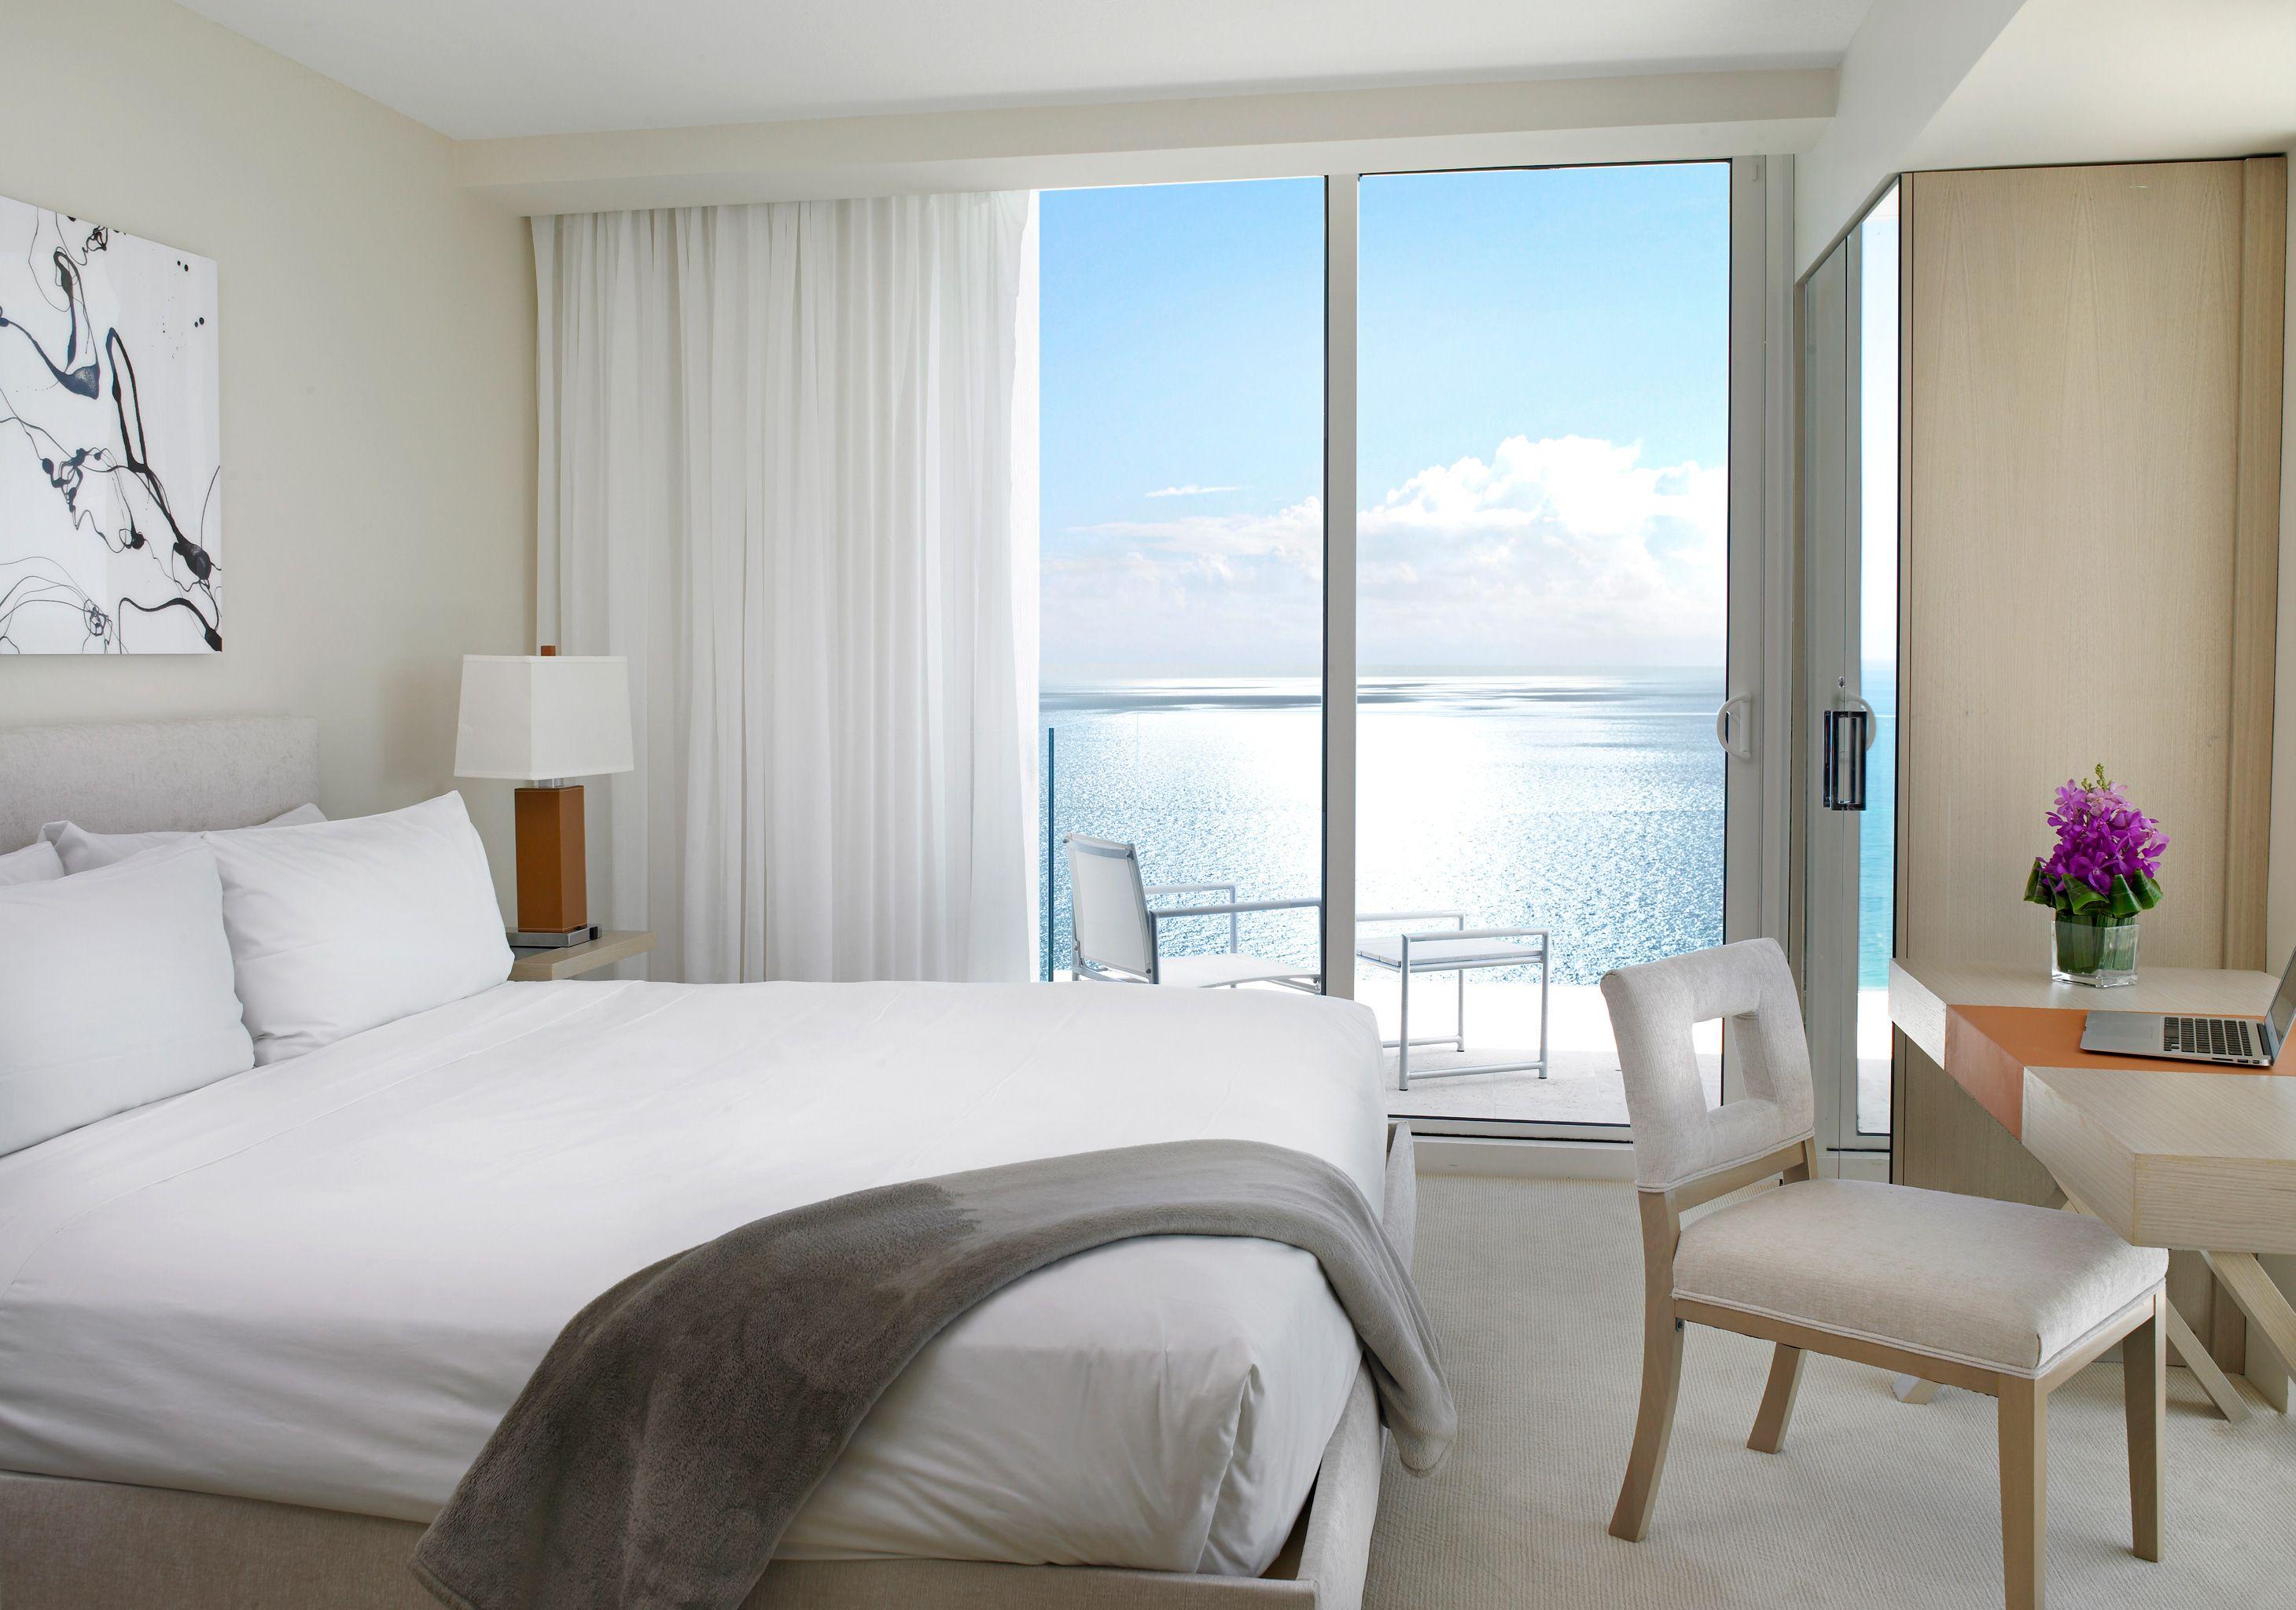 Grand Beach Hotel Surfside—Surfside, Florida. #Jetsetter